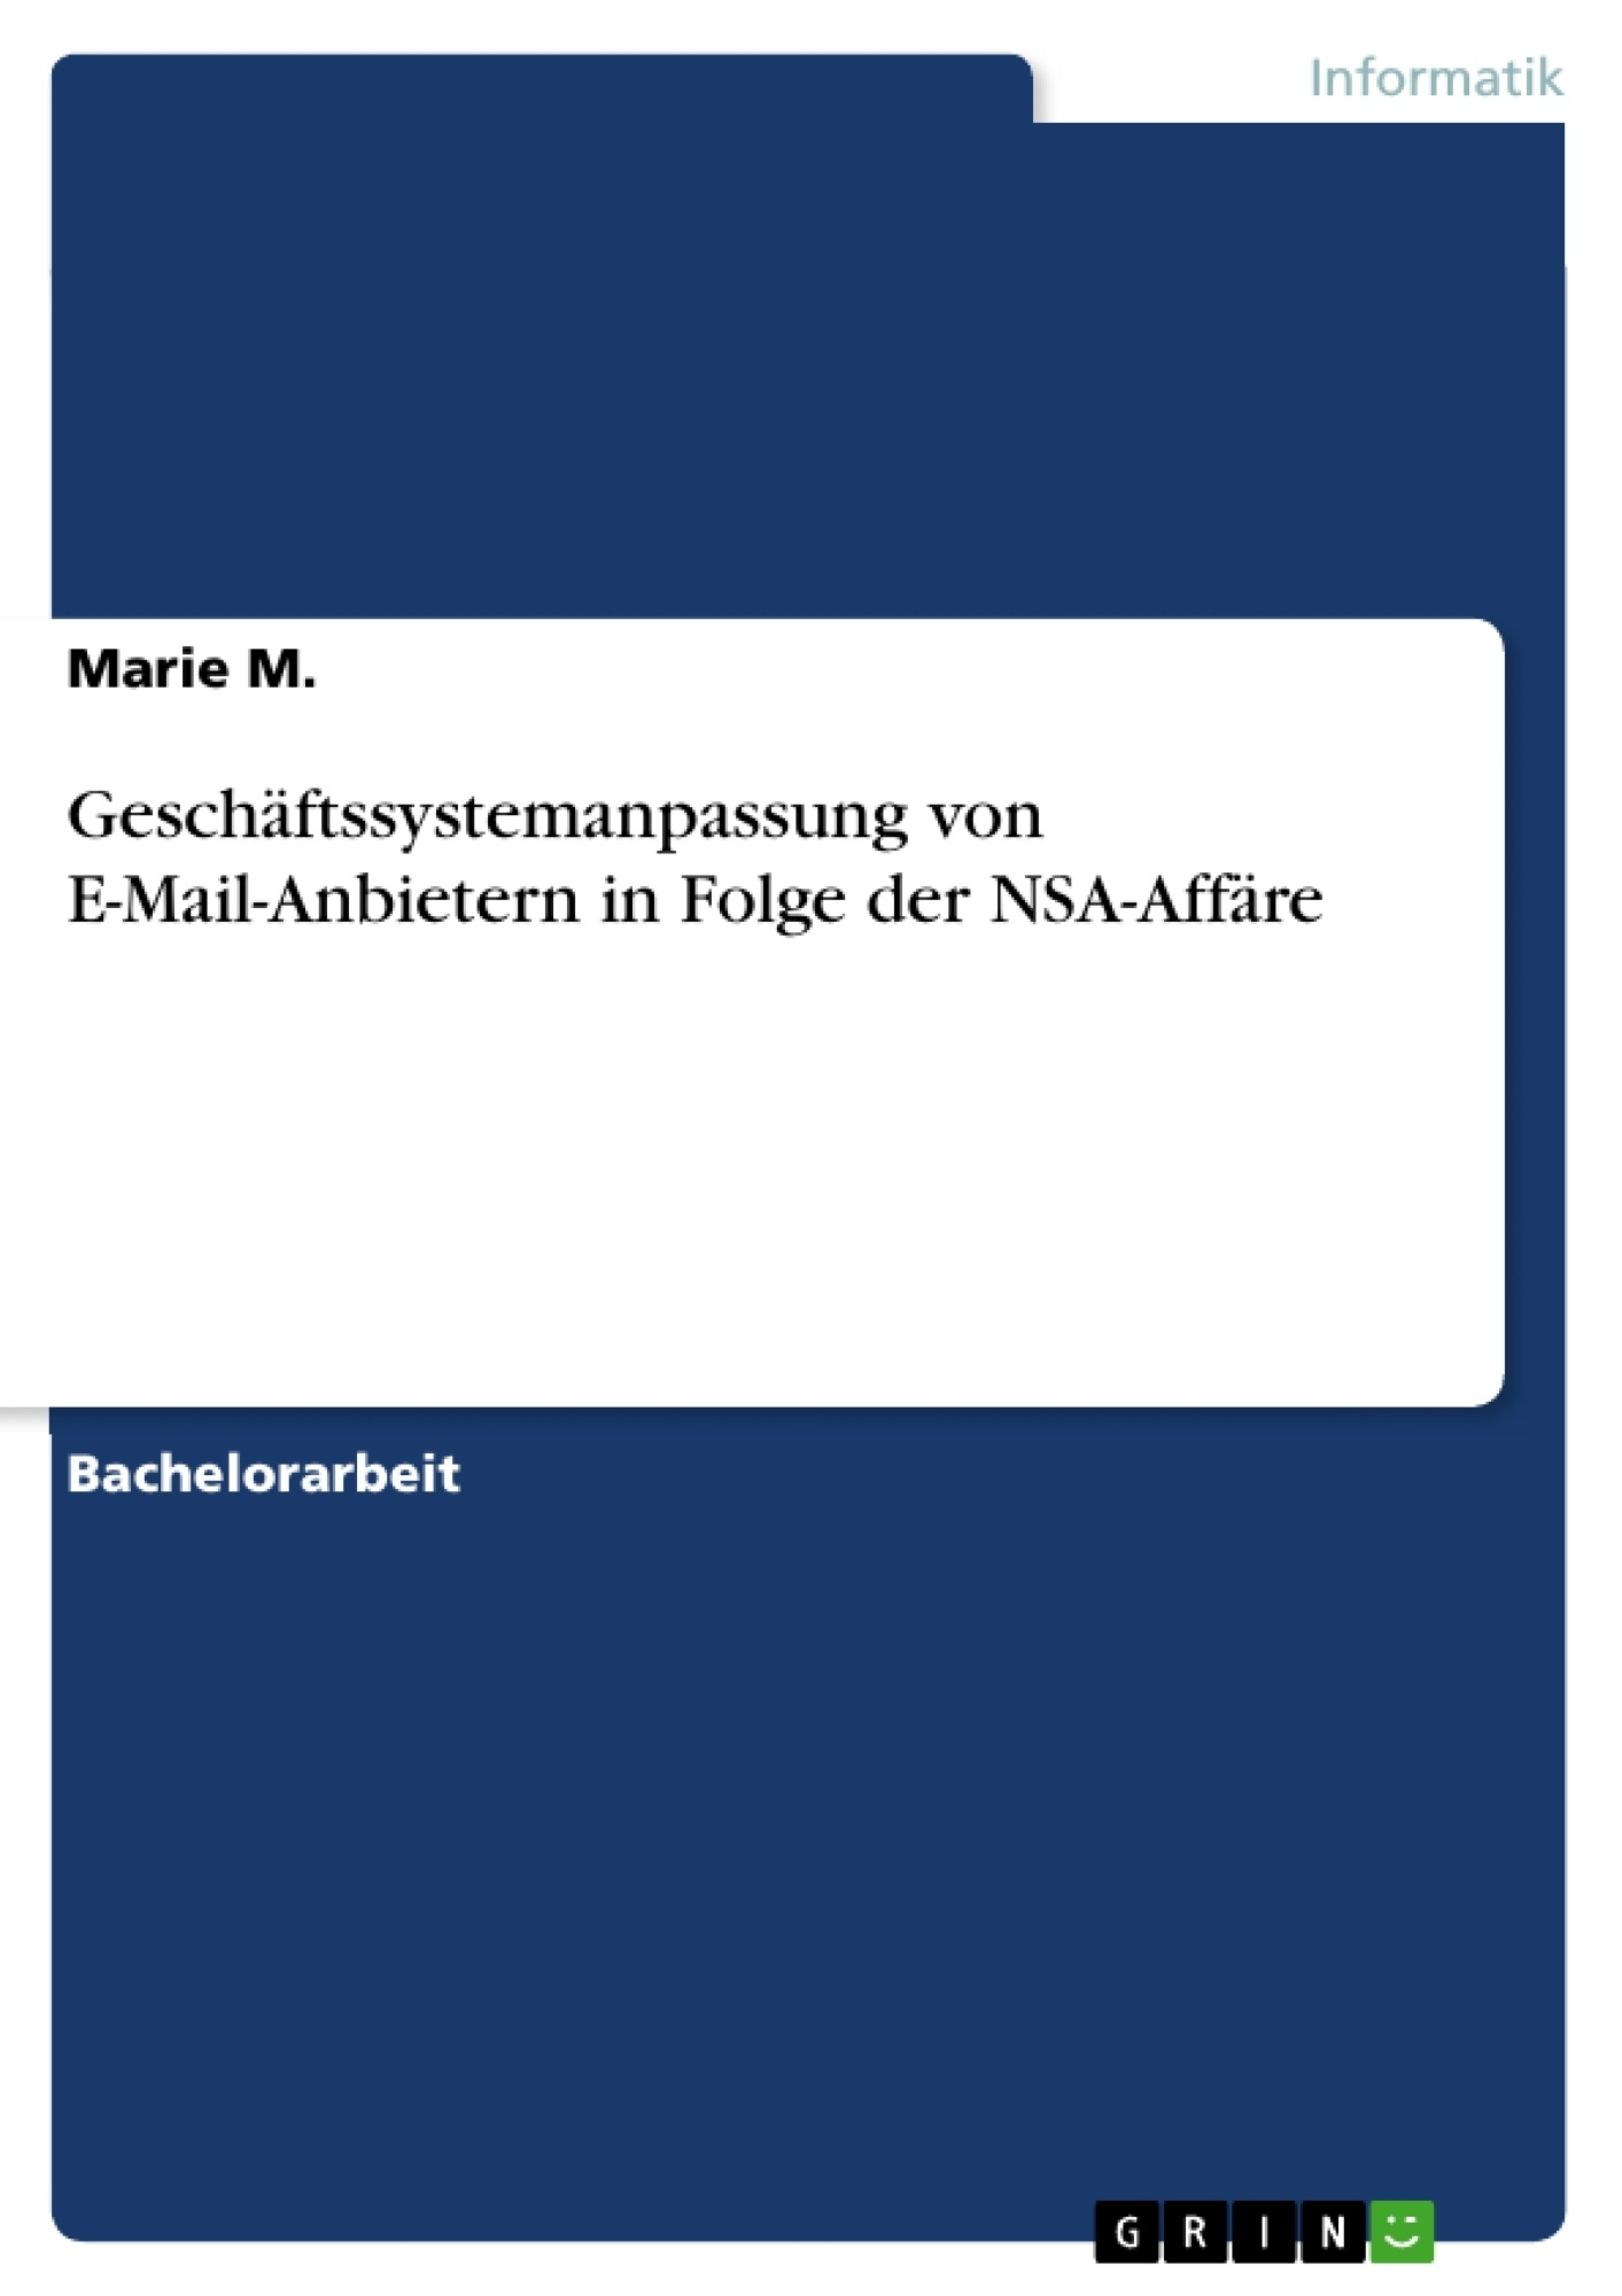 Titel: Geschäftssystemanpassung von E-Mail-Anbietern in Folge der NSA-Affäre